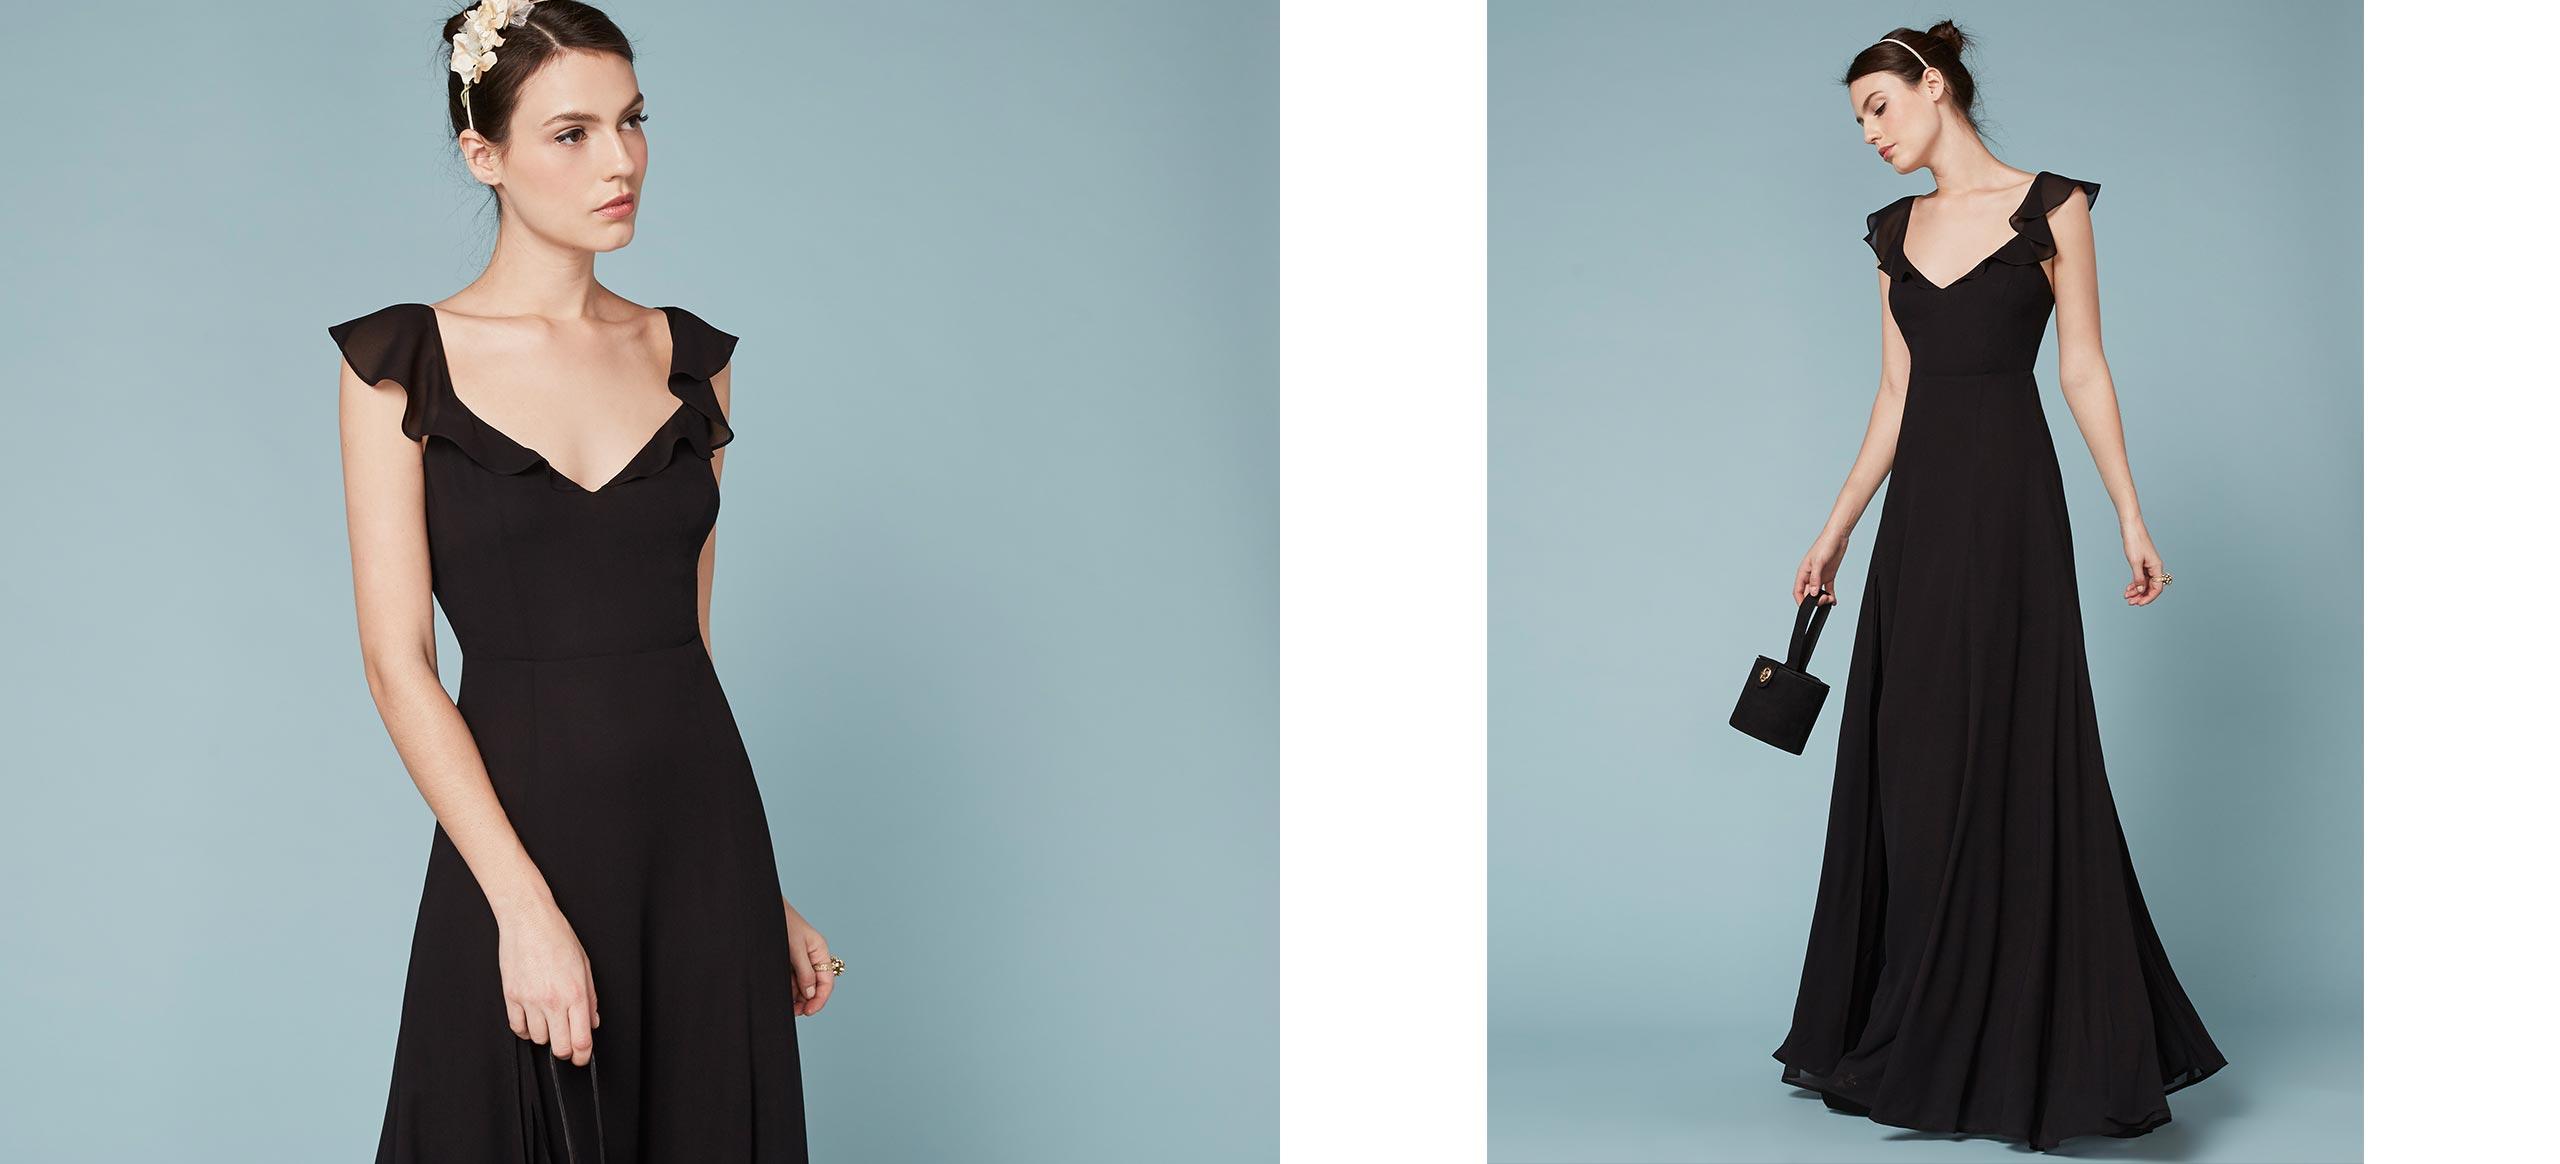 Lyst - Reformation Julieta Dress in Black